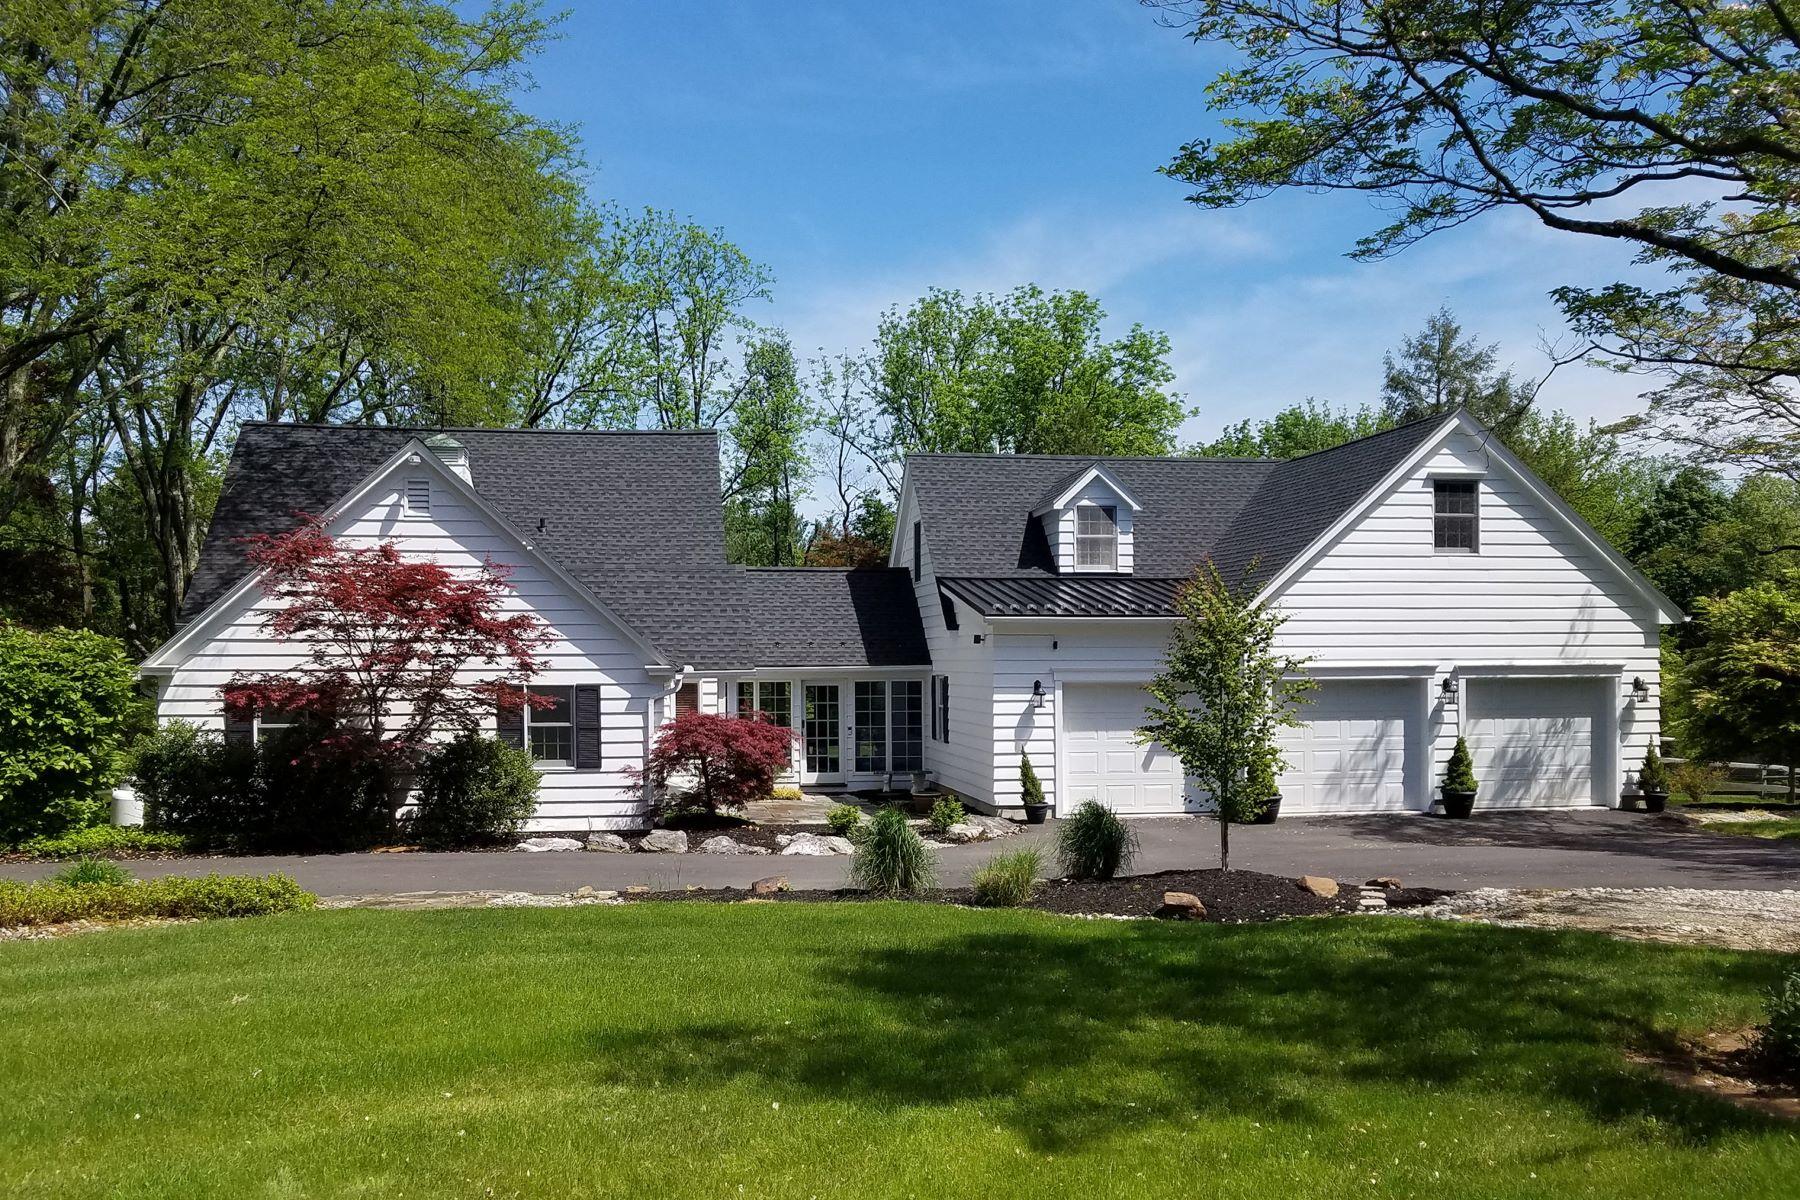 Частный односемейный дом для того Продажа на 1667 Jean Ln Bethlehem, Пенсильвания 18015 Соединенные Штаты